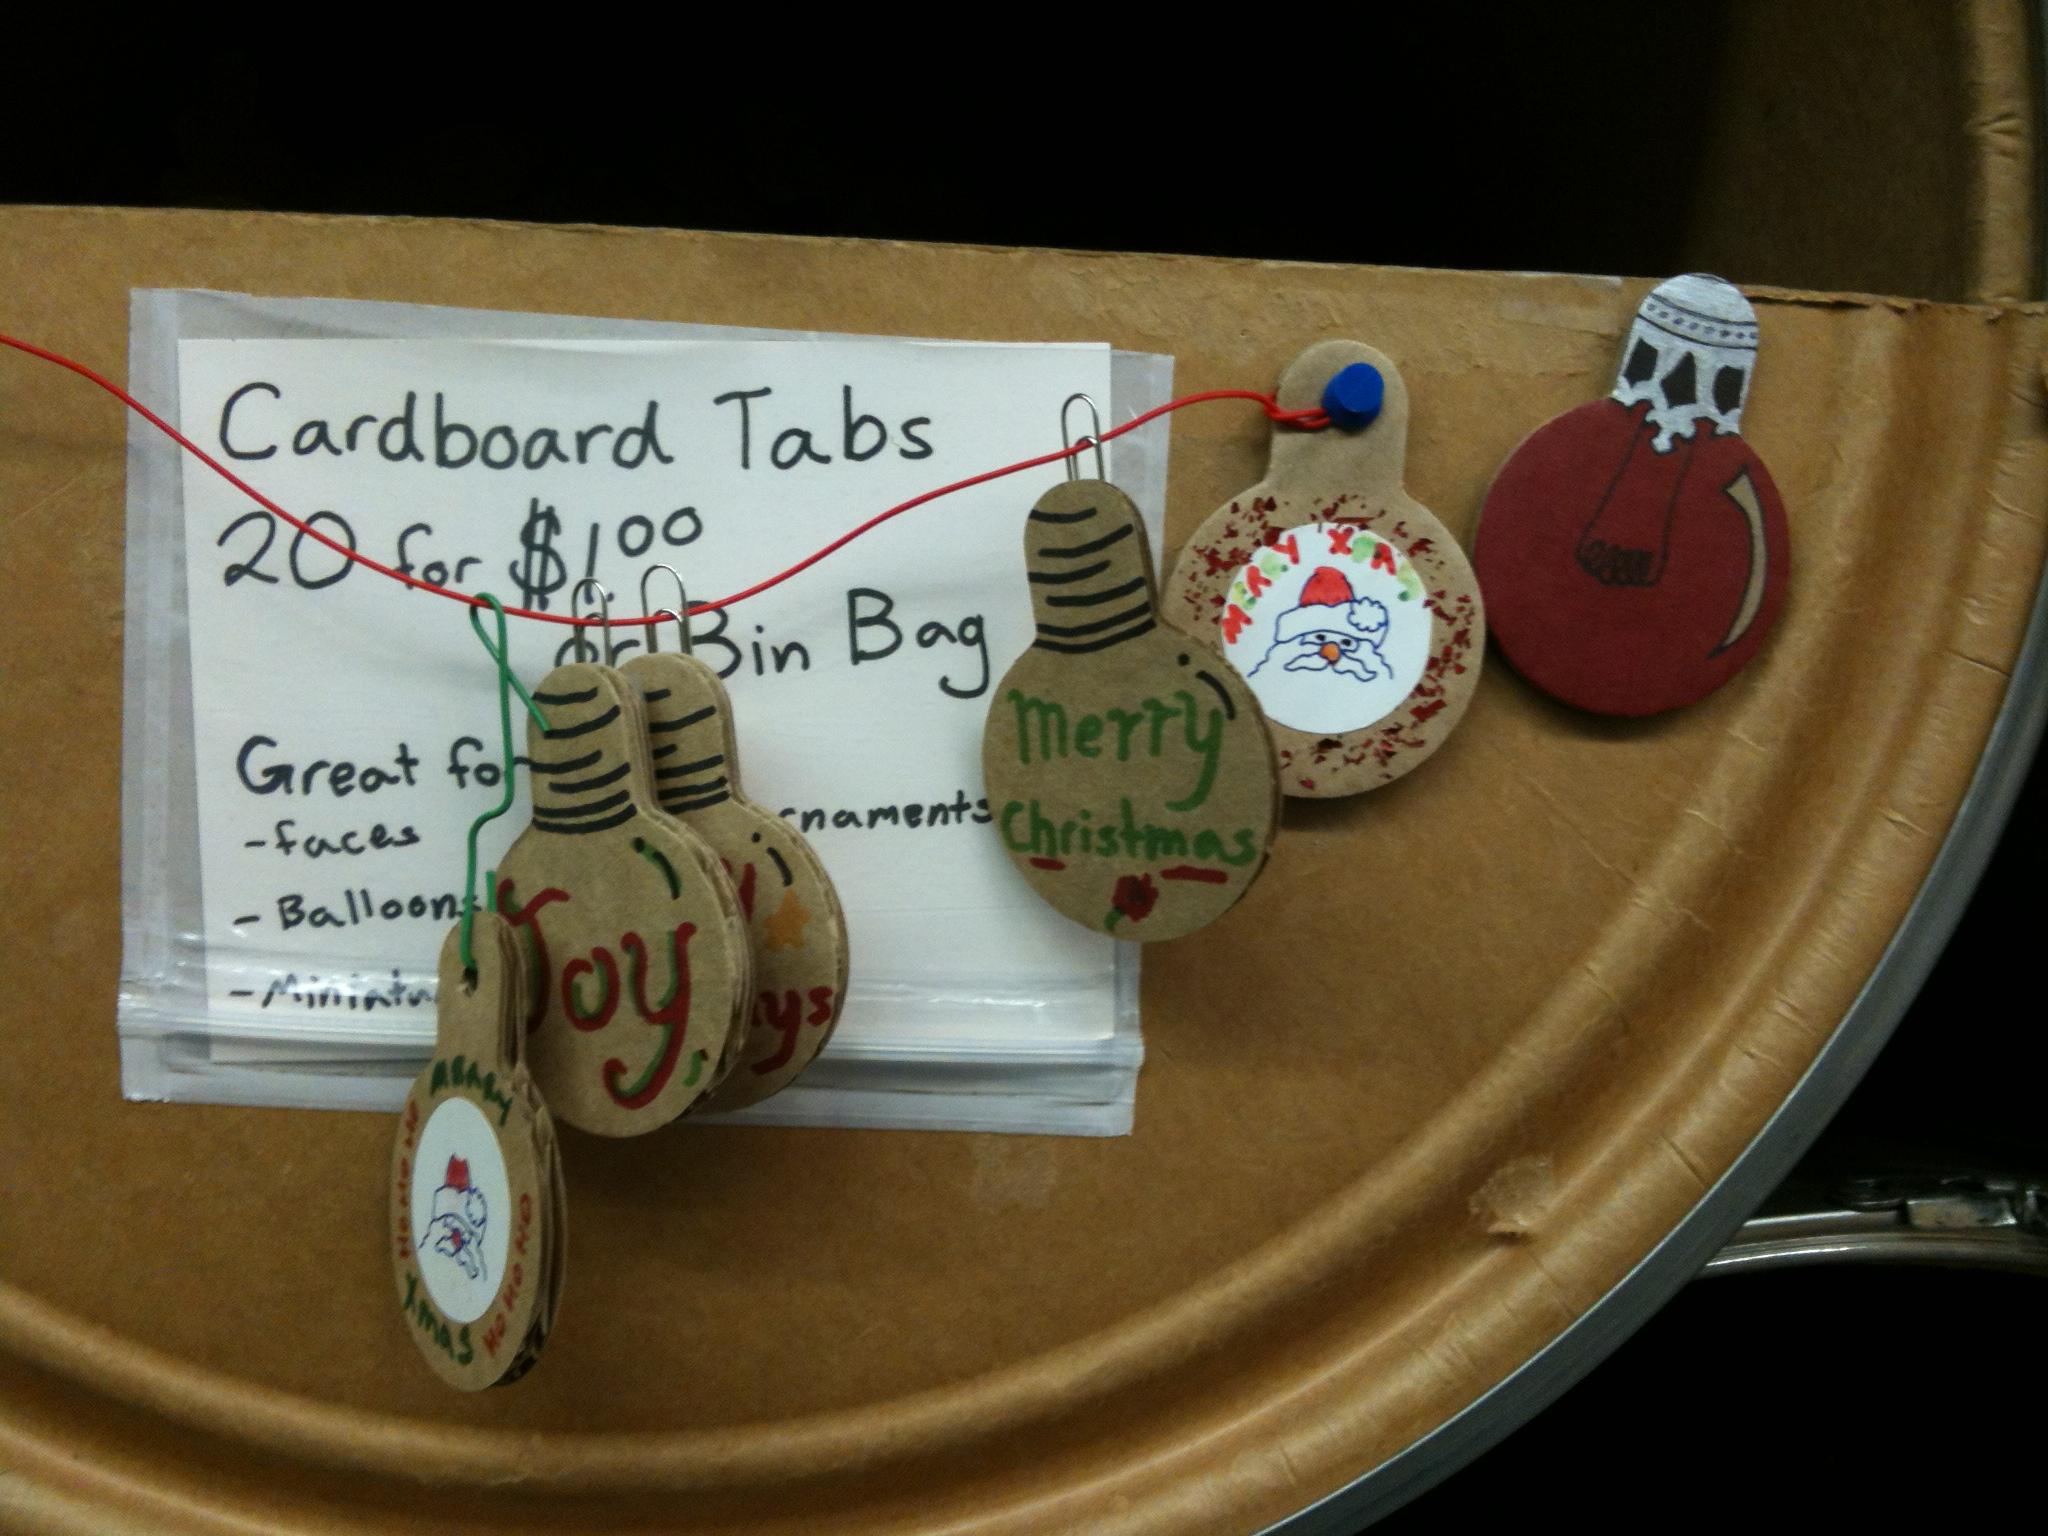 Cardboard Tabs